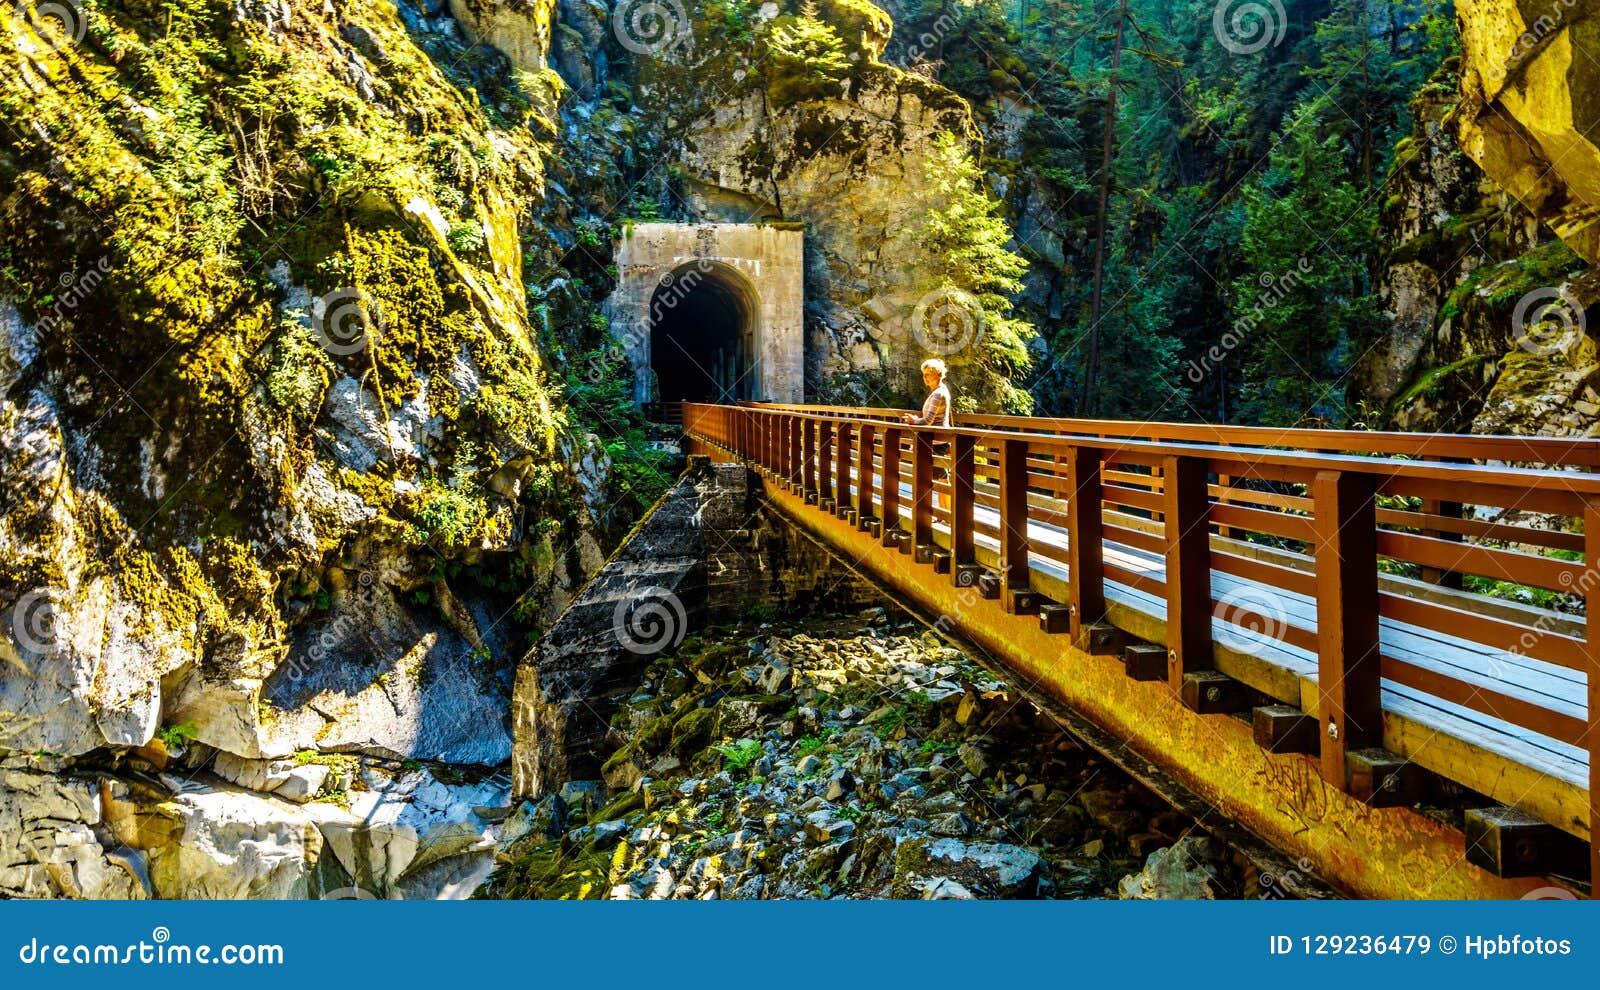 Othello Tunnels bij de Coquihalla-Canion van de verlaten Spoorweg van de Ketelvallei in BC Canada